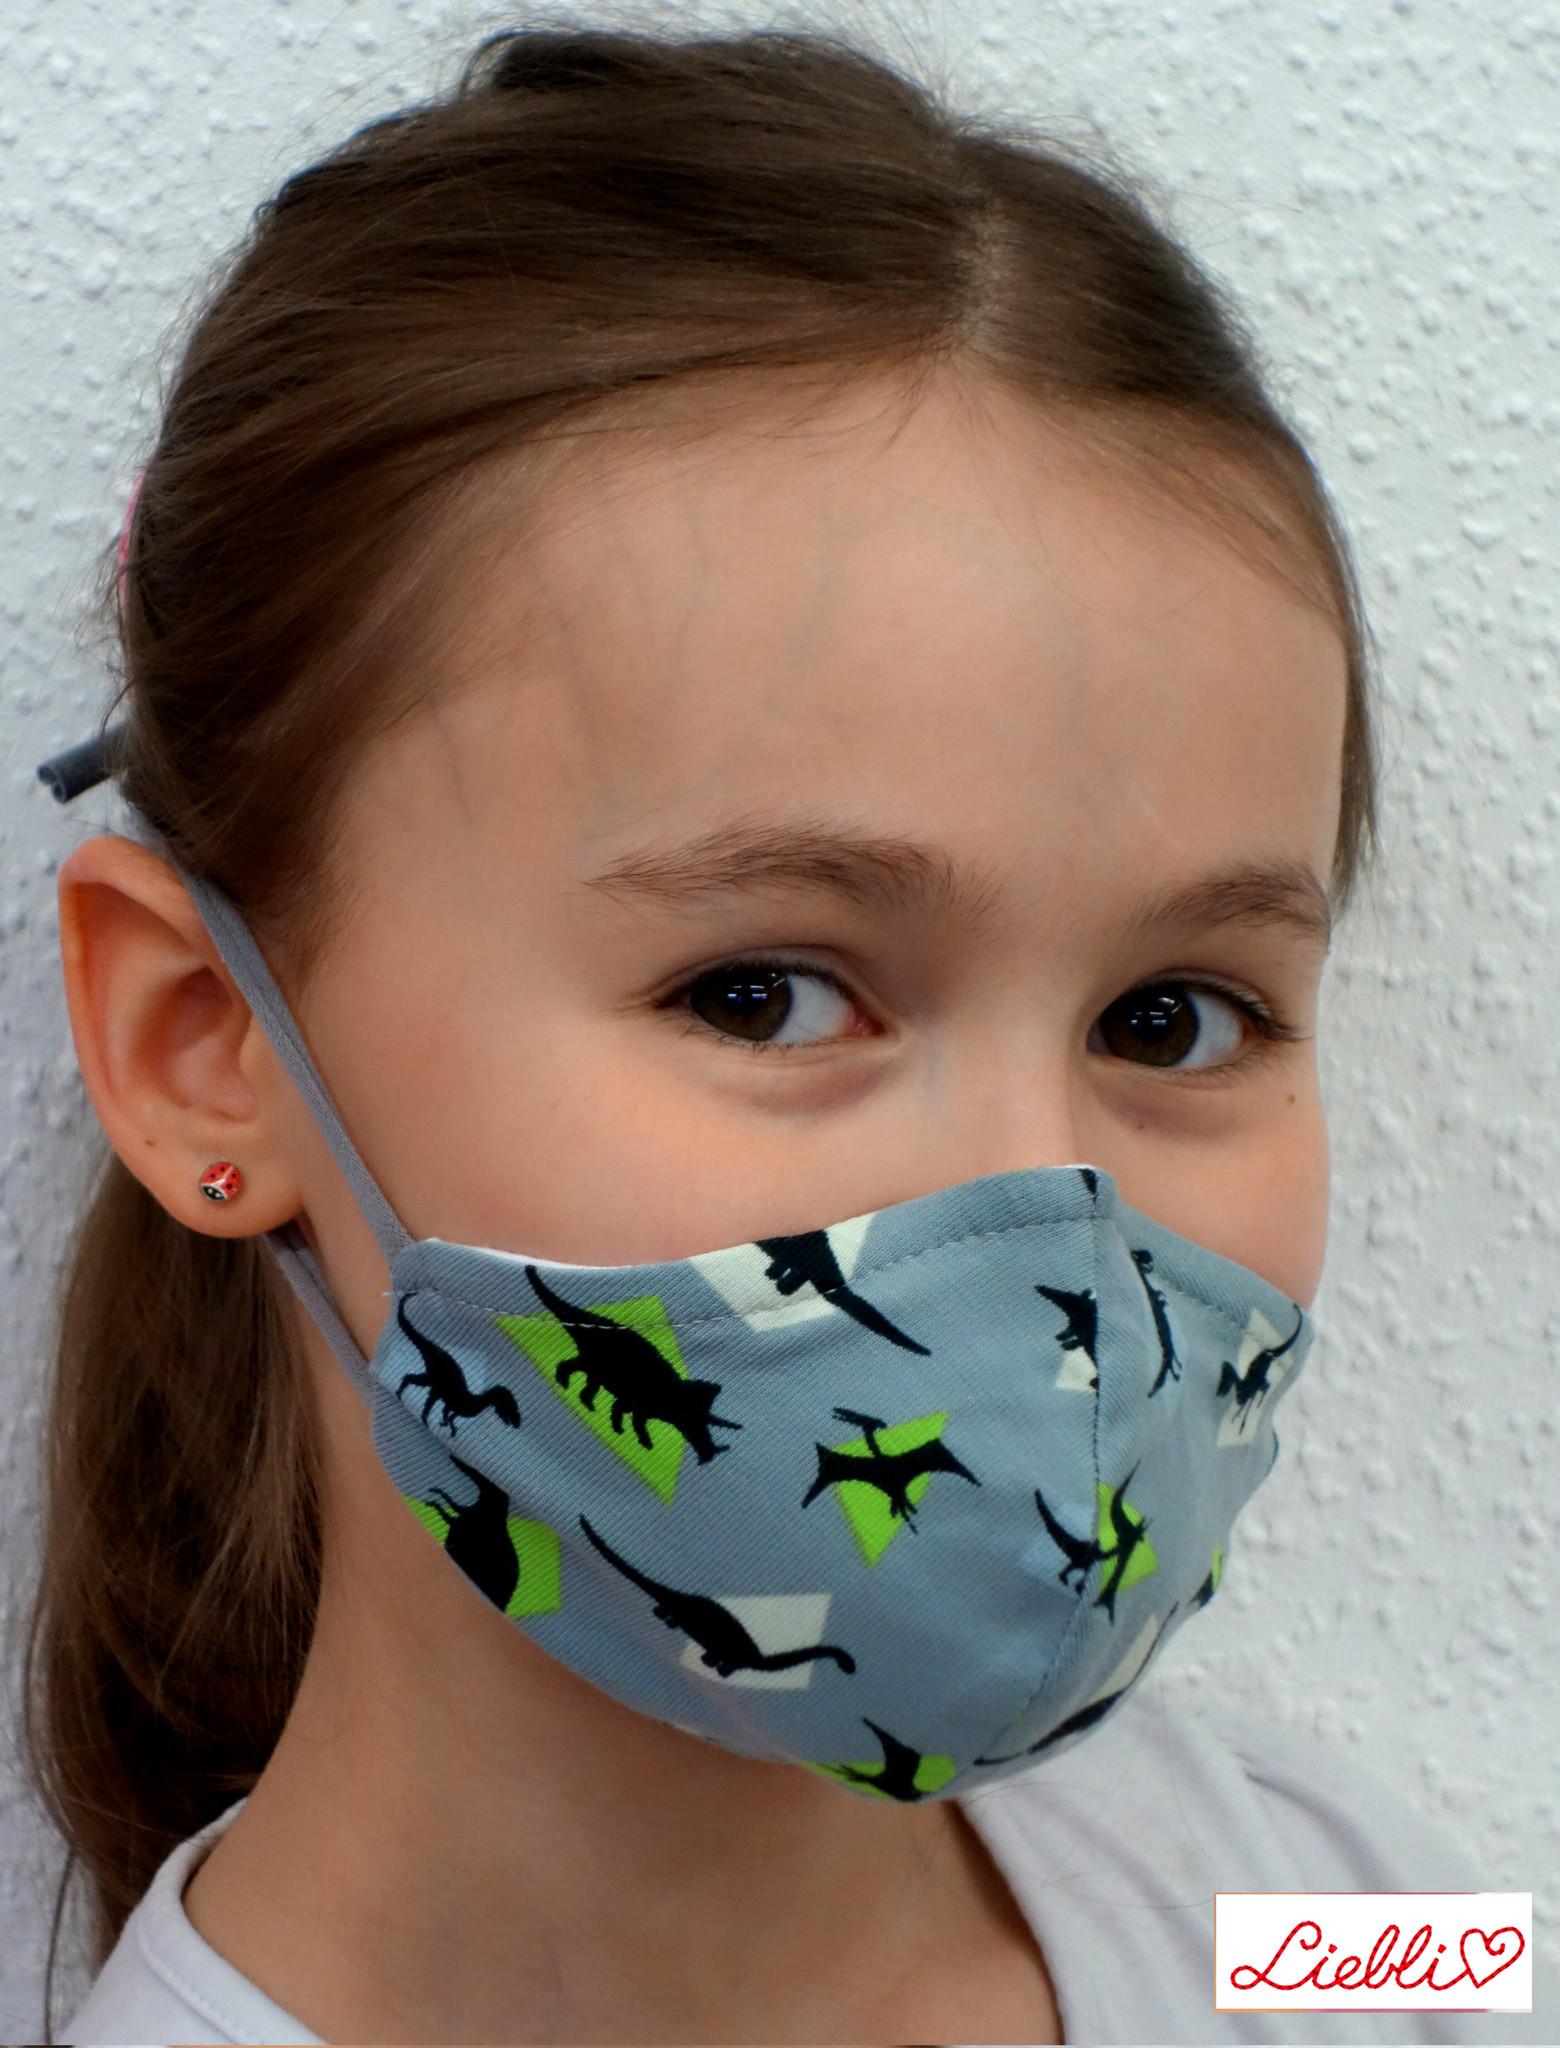 Kindermaske, Kinder Mundschutz, Mund-Nasen-Maske Dino grau